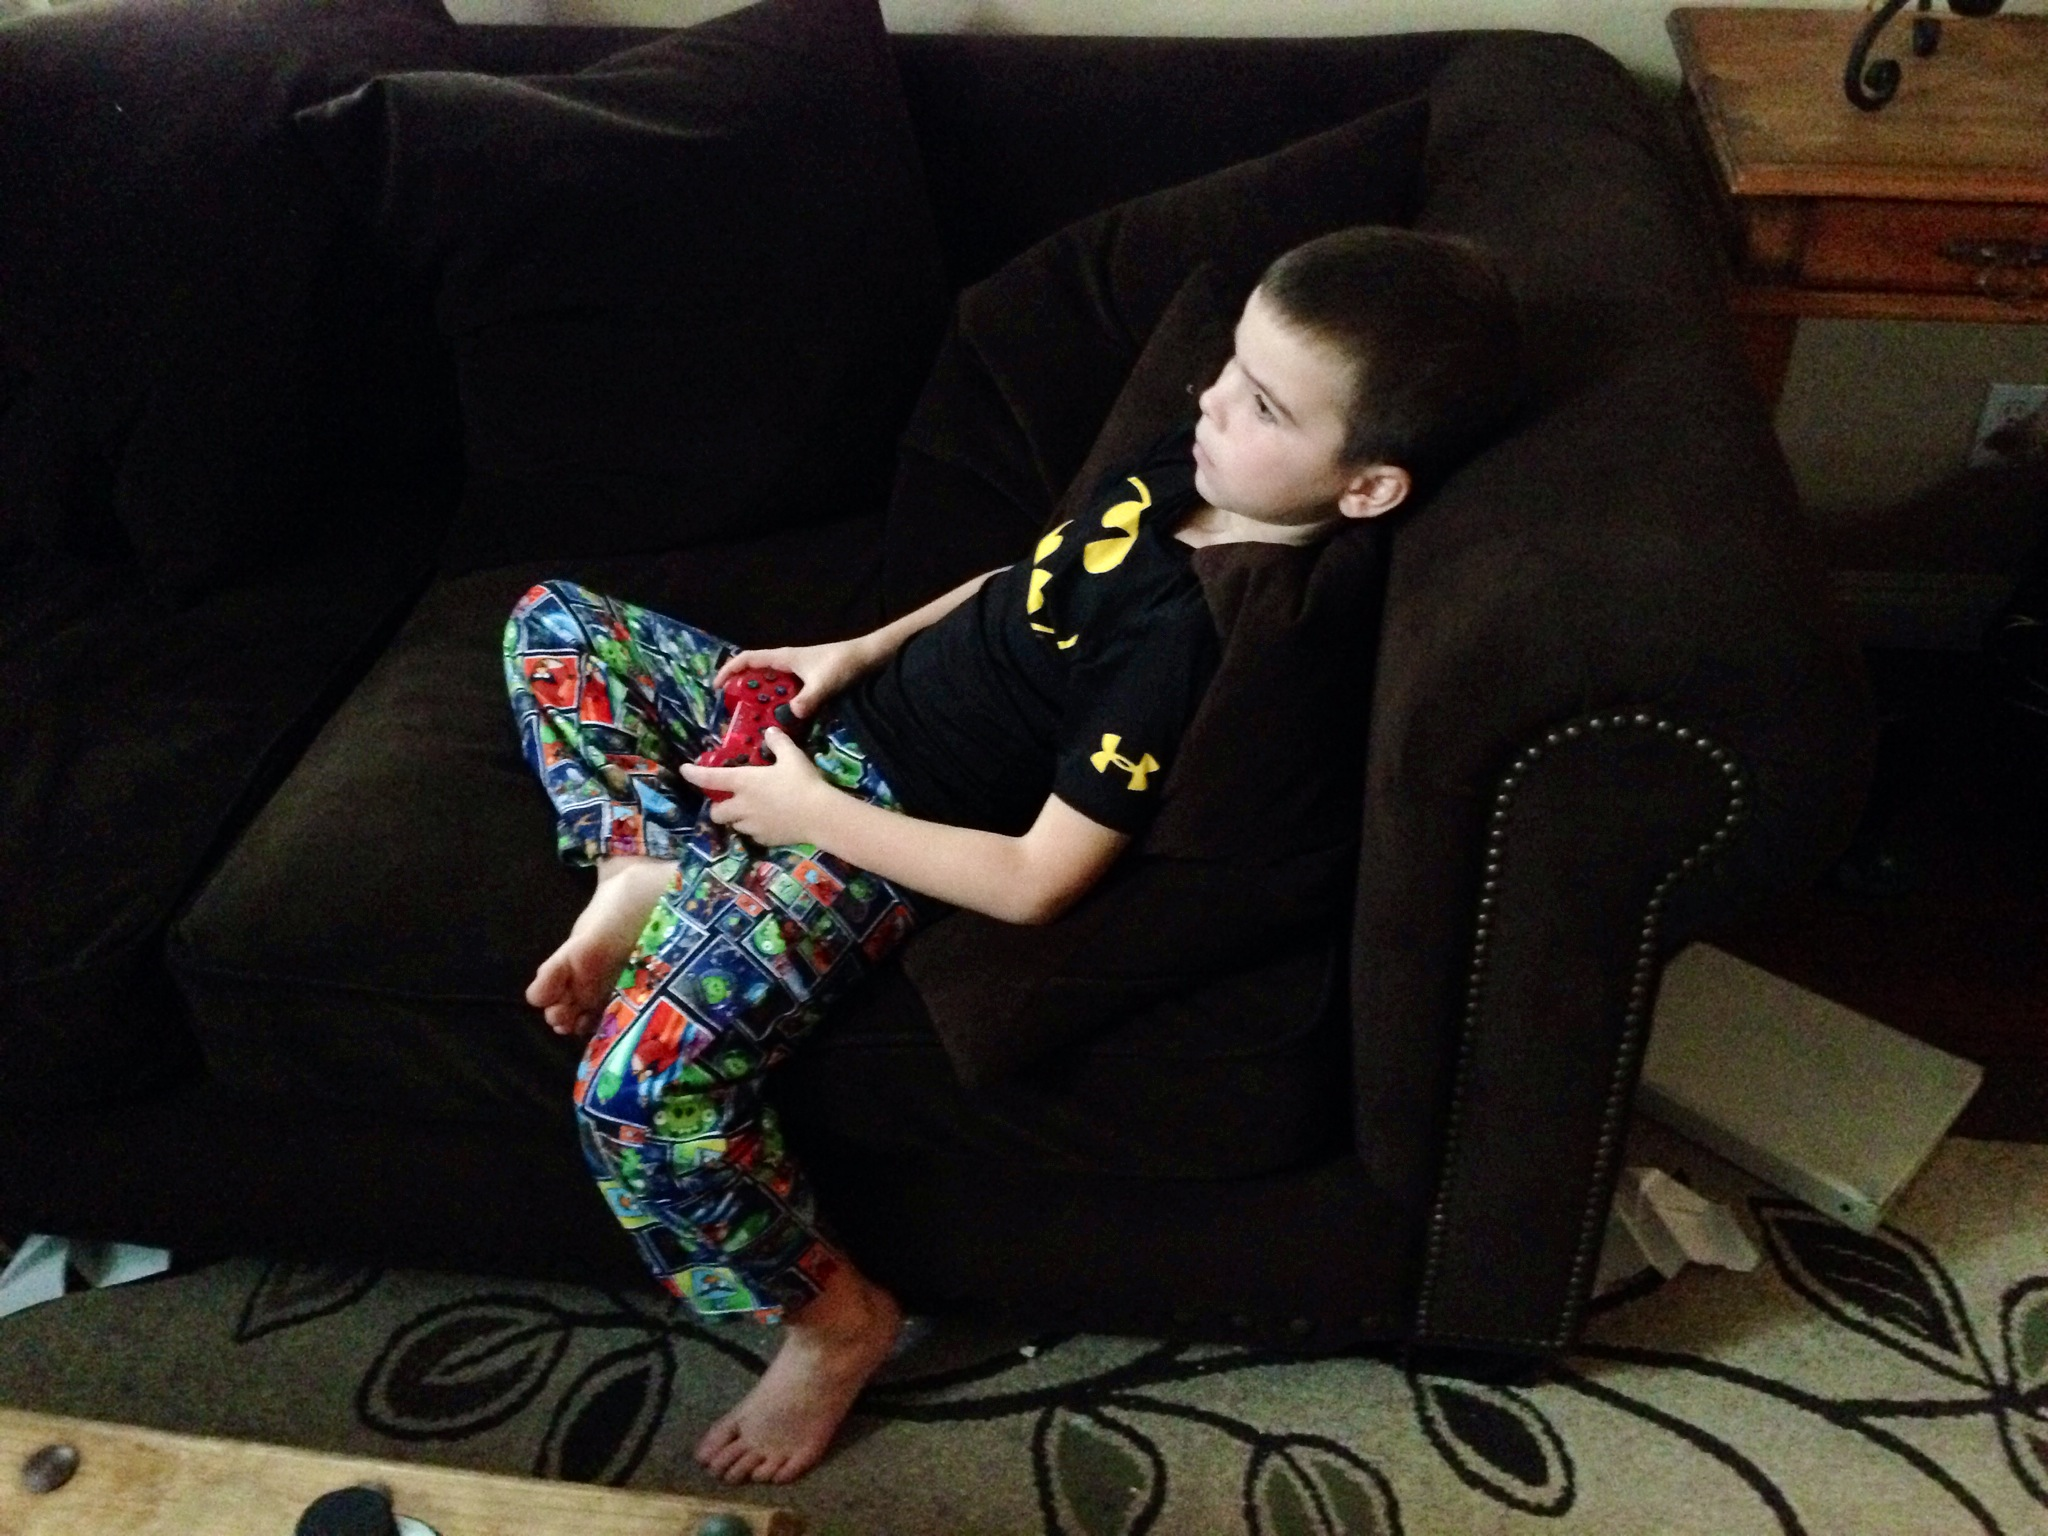 Gamer Kid